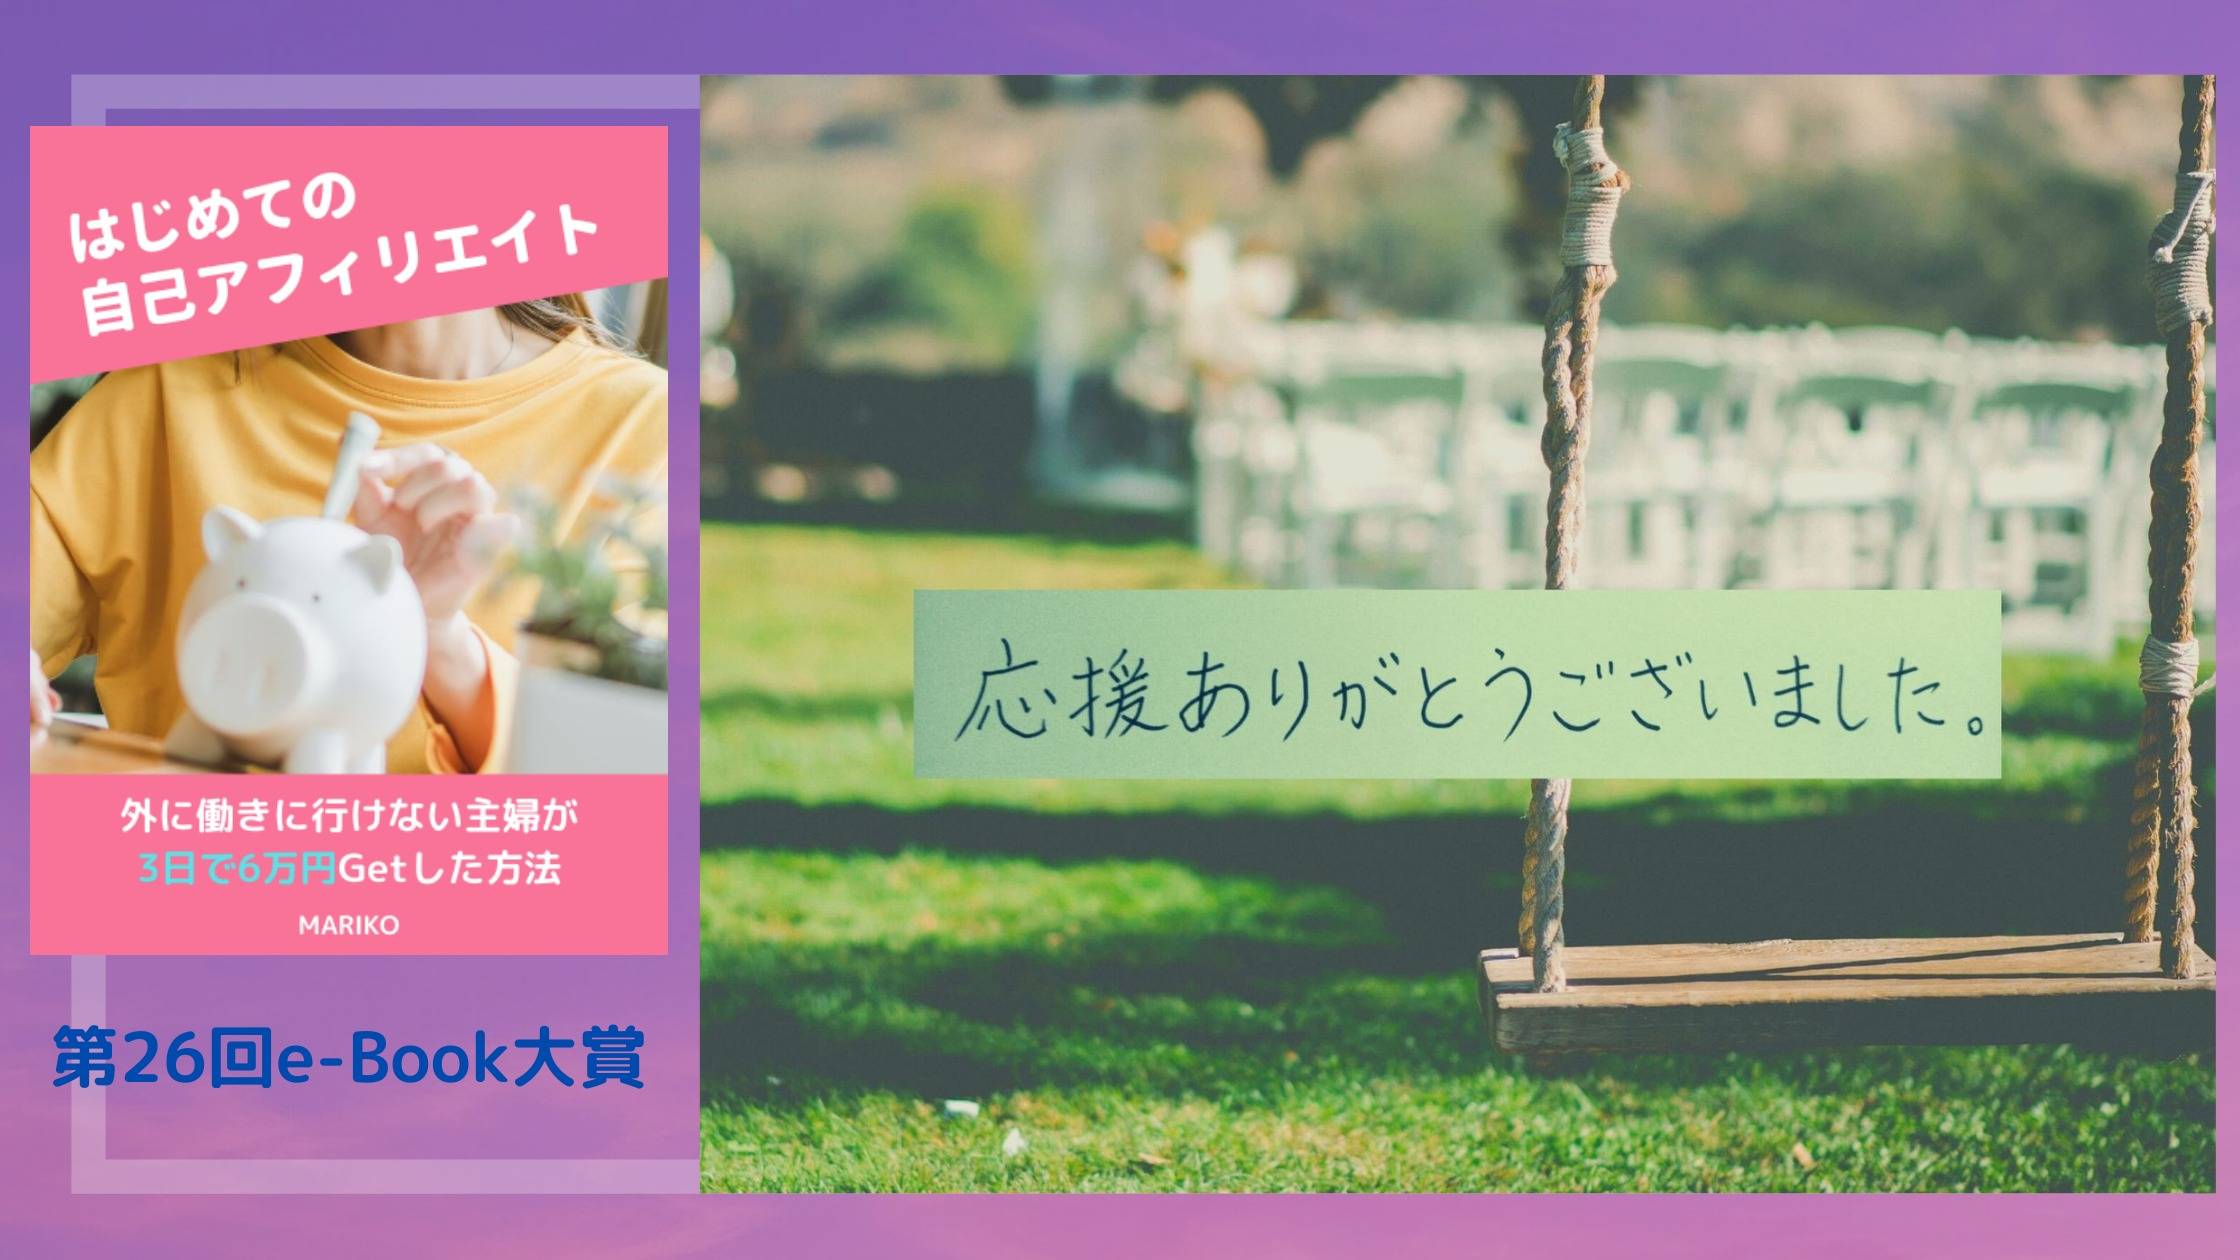 e-Book大賞